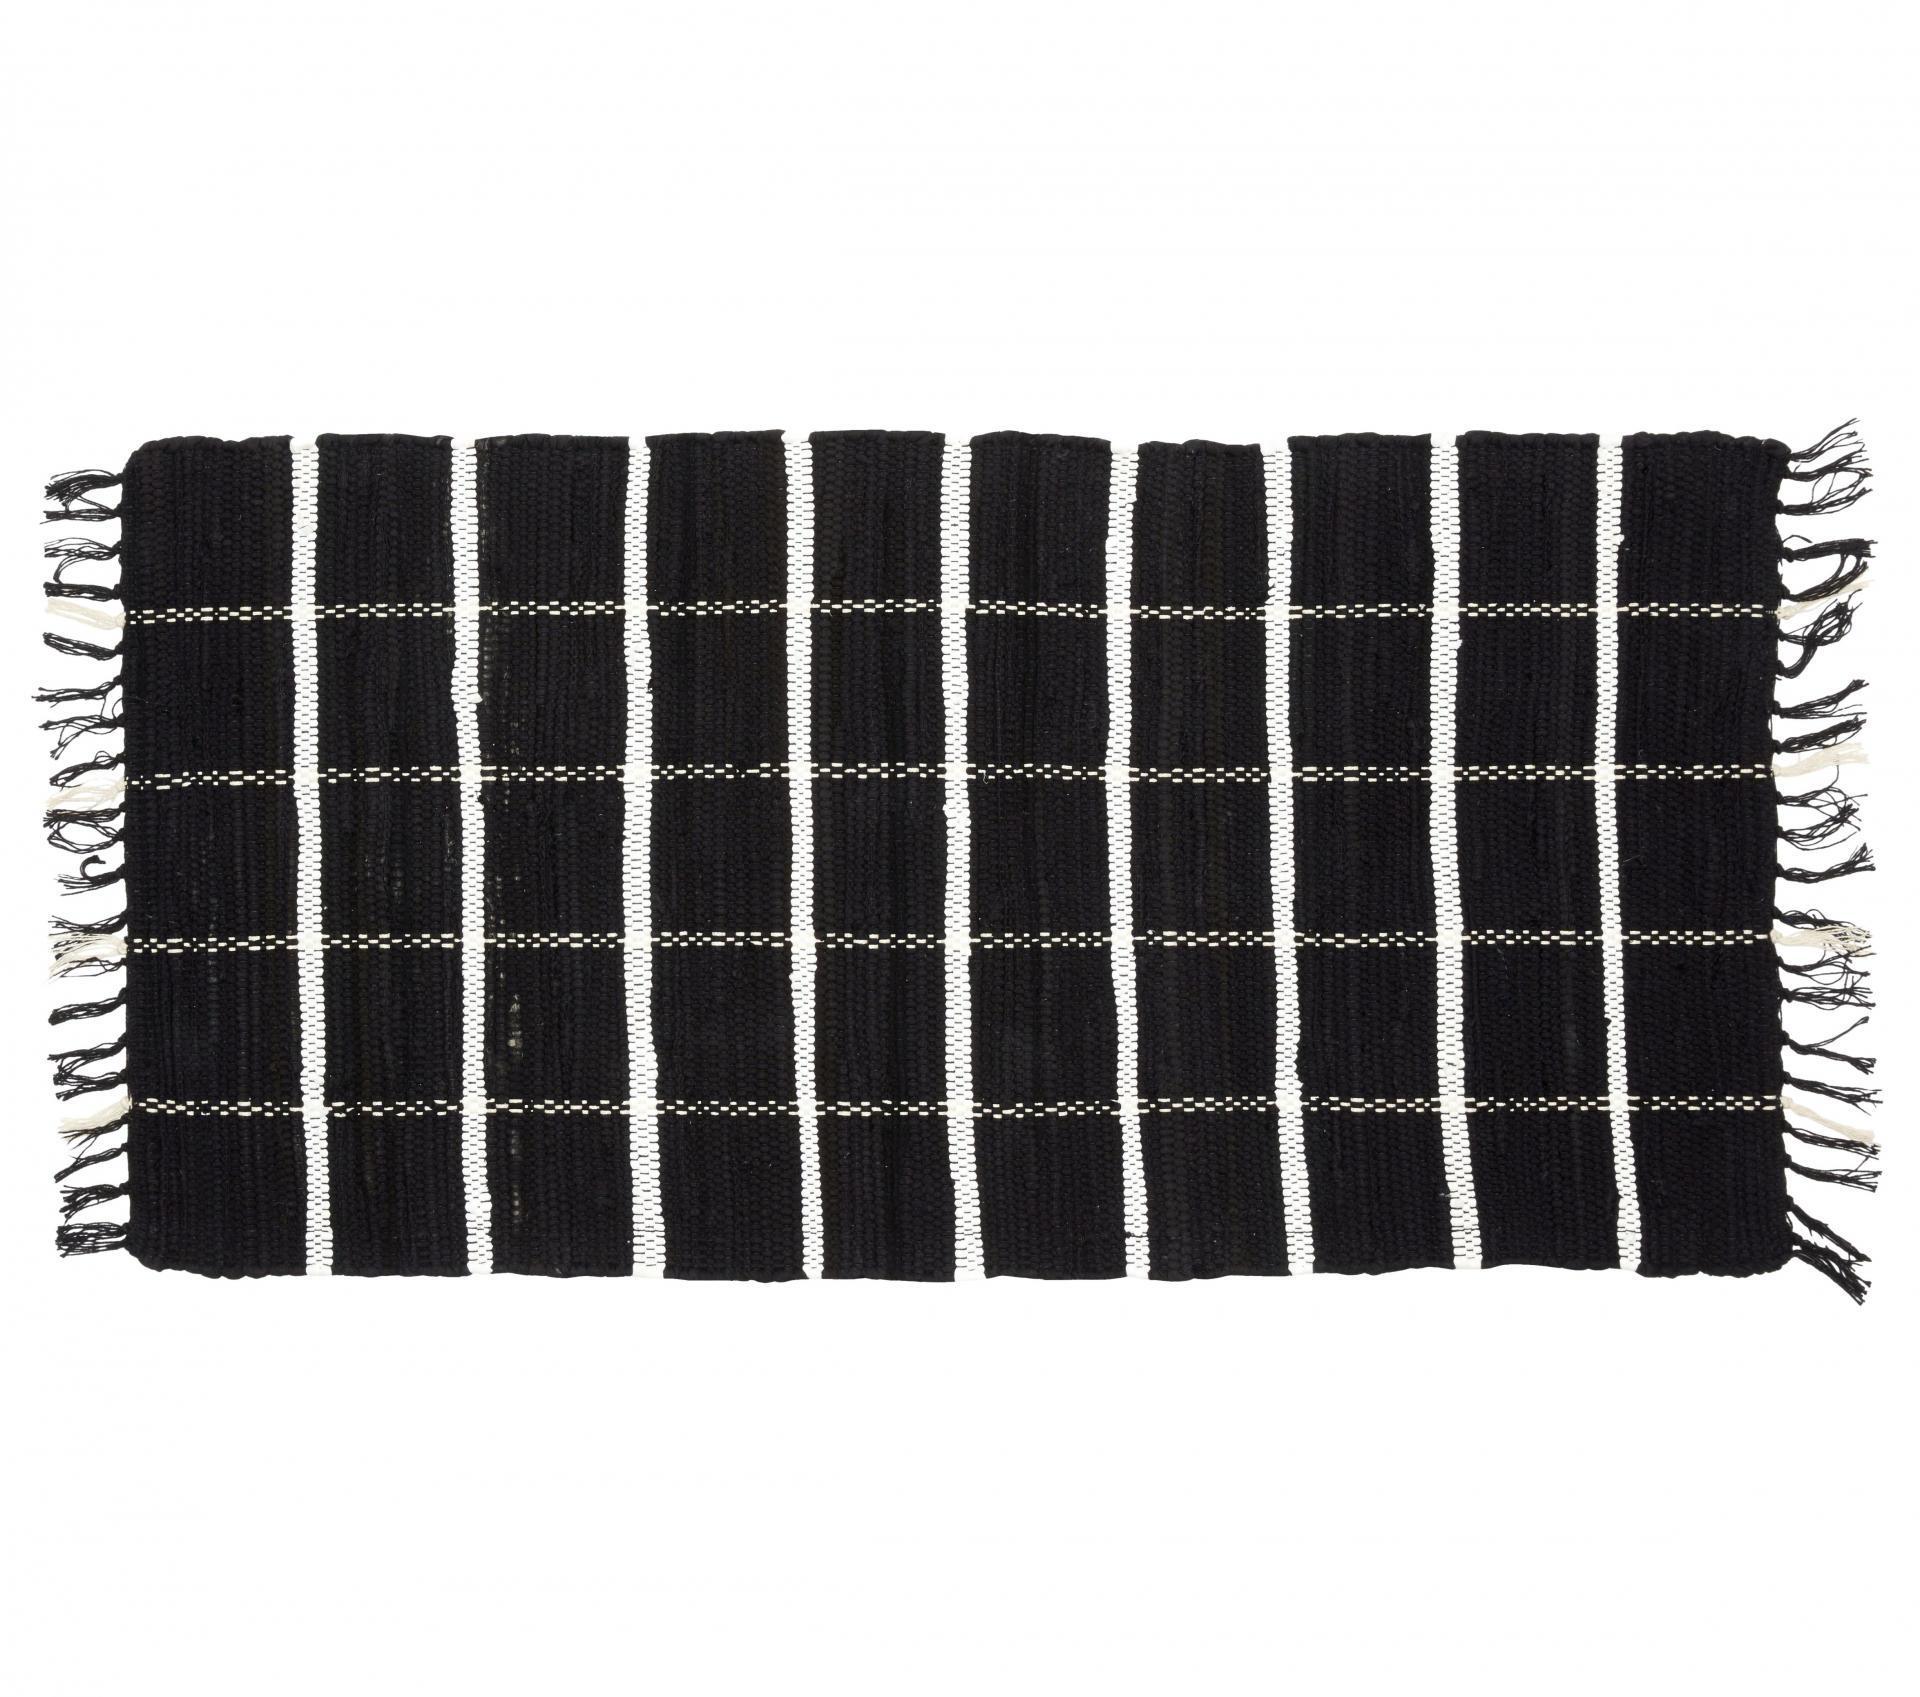 Hübsch Tkaný kobereček Black/white 60x120 cm, černá barva, textil Černá